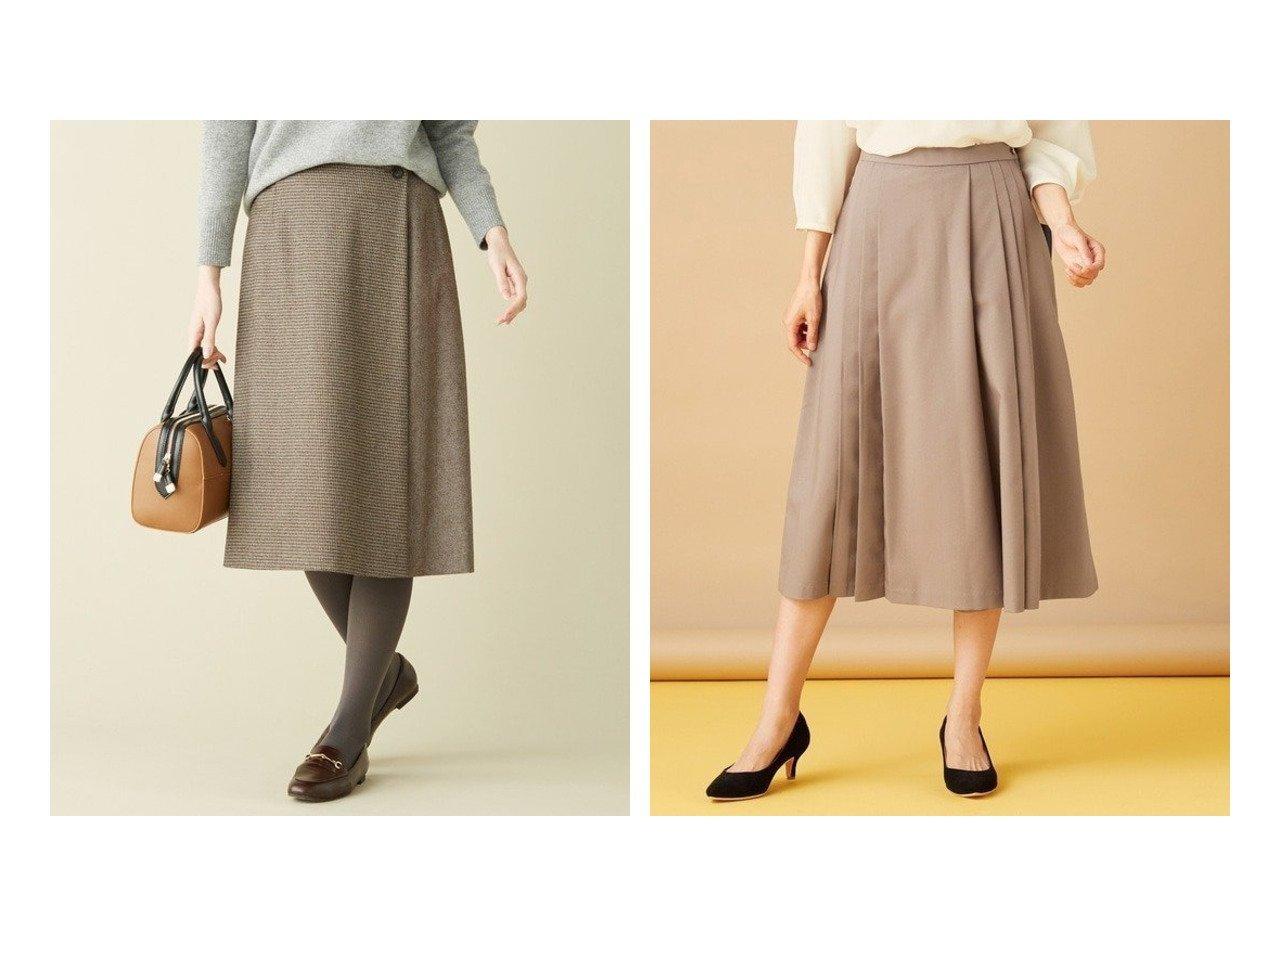 【J.PRESS/ジェイ プレス】のシックツイードチェック スカート&【any SiS/エニィ スィス】のクラシカルプリーツ キュロット スカートのおすすめ!人気、トレンド・レディースファッションの通販 おすすめで人気の流行・トレンド、ファッションの通販商品 メンズファッション・キッズファッション・インテリア・家具・レディースファッション・服の通販 founy(ファニー) https://founy.com/ ファッションモデル・俳優・女優 Models 女性 Women 田中みな実 Tanaka Minami ファッション Fashion レディースファッション WOMEN スカート Skirt NEW・新作・新着・新入荷 New Arrivals 送料無料 Free Shipping シルク キュロット クラシカル シューズ スニーカー チェック トレンド プリーツ モノトーン 秋 Autumn/Fall |ID:crp329100000013385